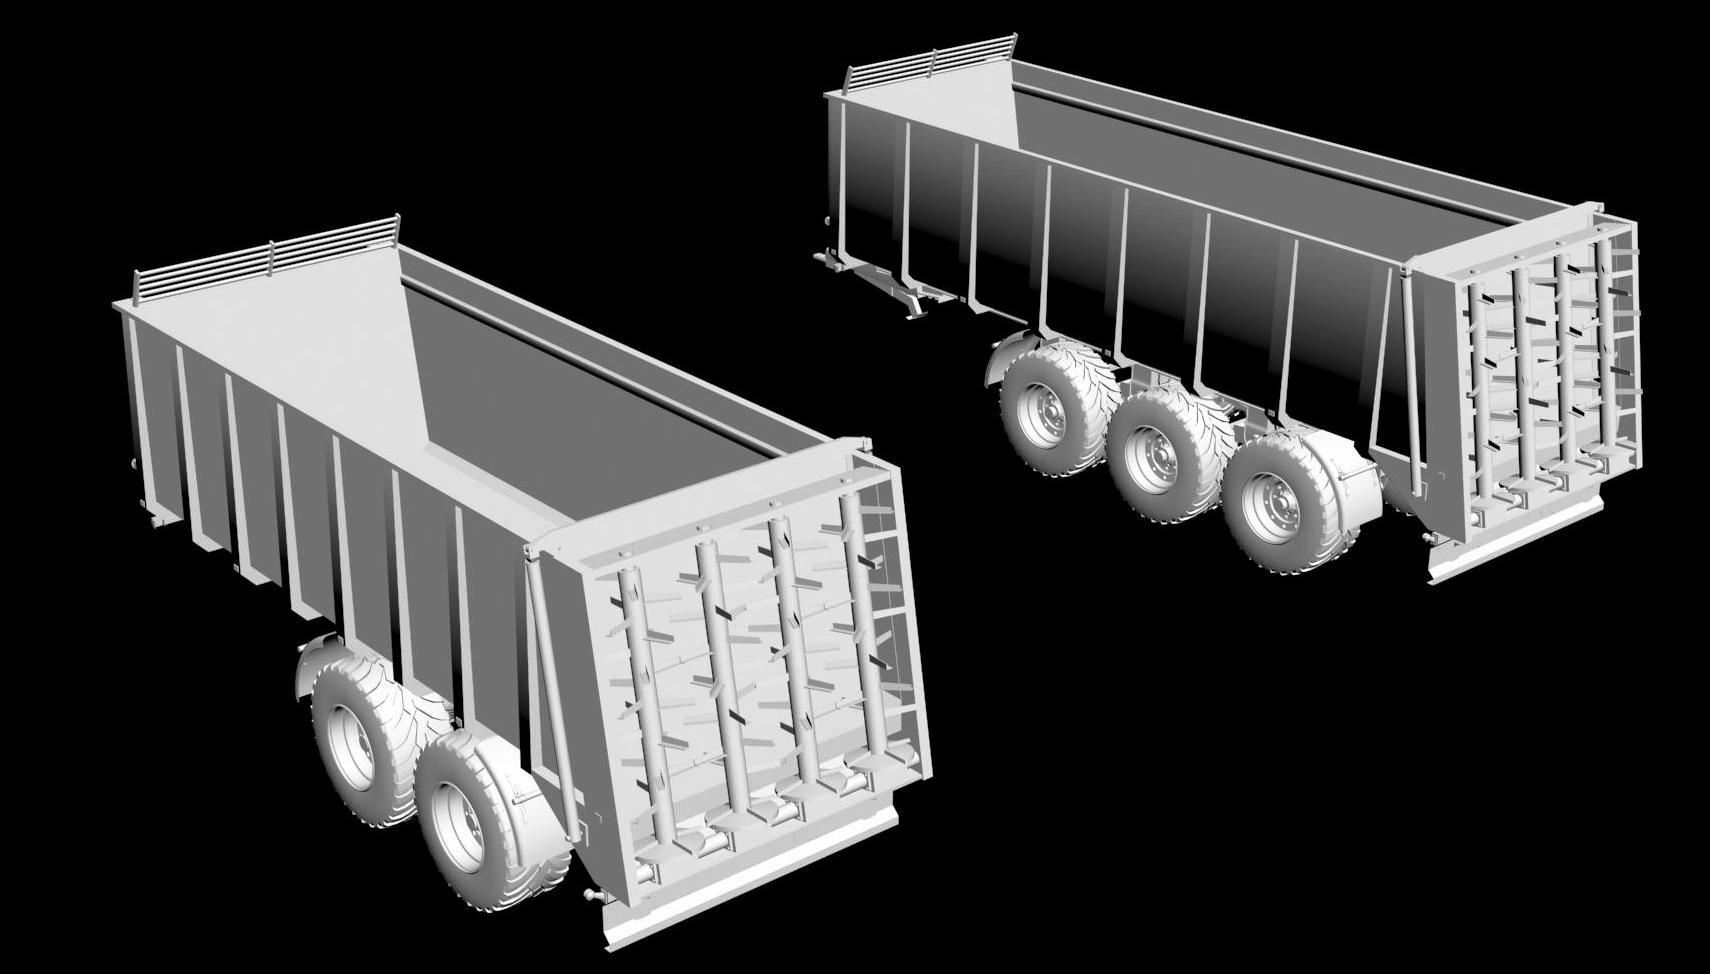 [Encuesta][T.E.P.] Proyecto Aguas Tenias (22 modelos + 1 Camión) [Terminado 21-4-2014]. - Página 4 403zekb